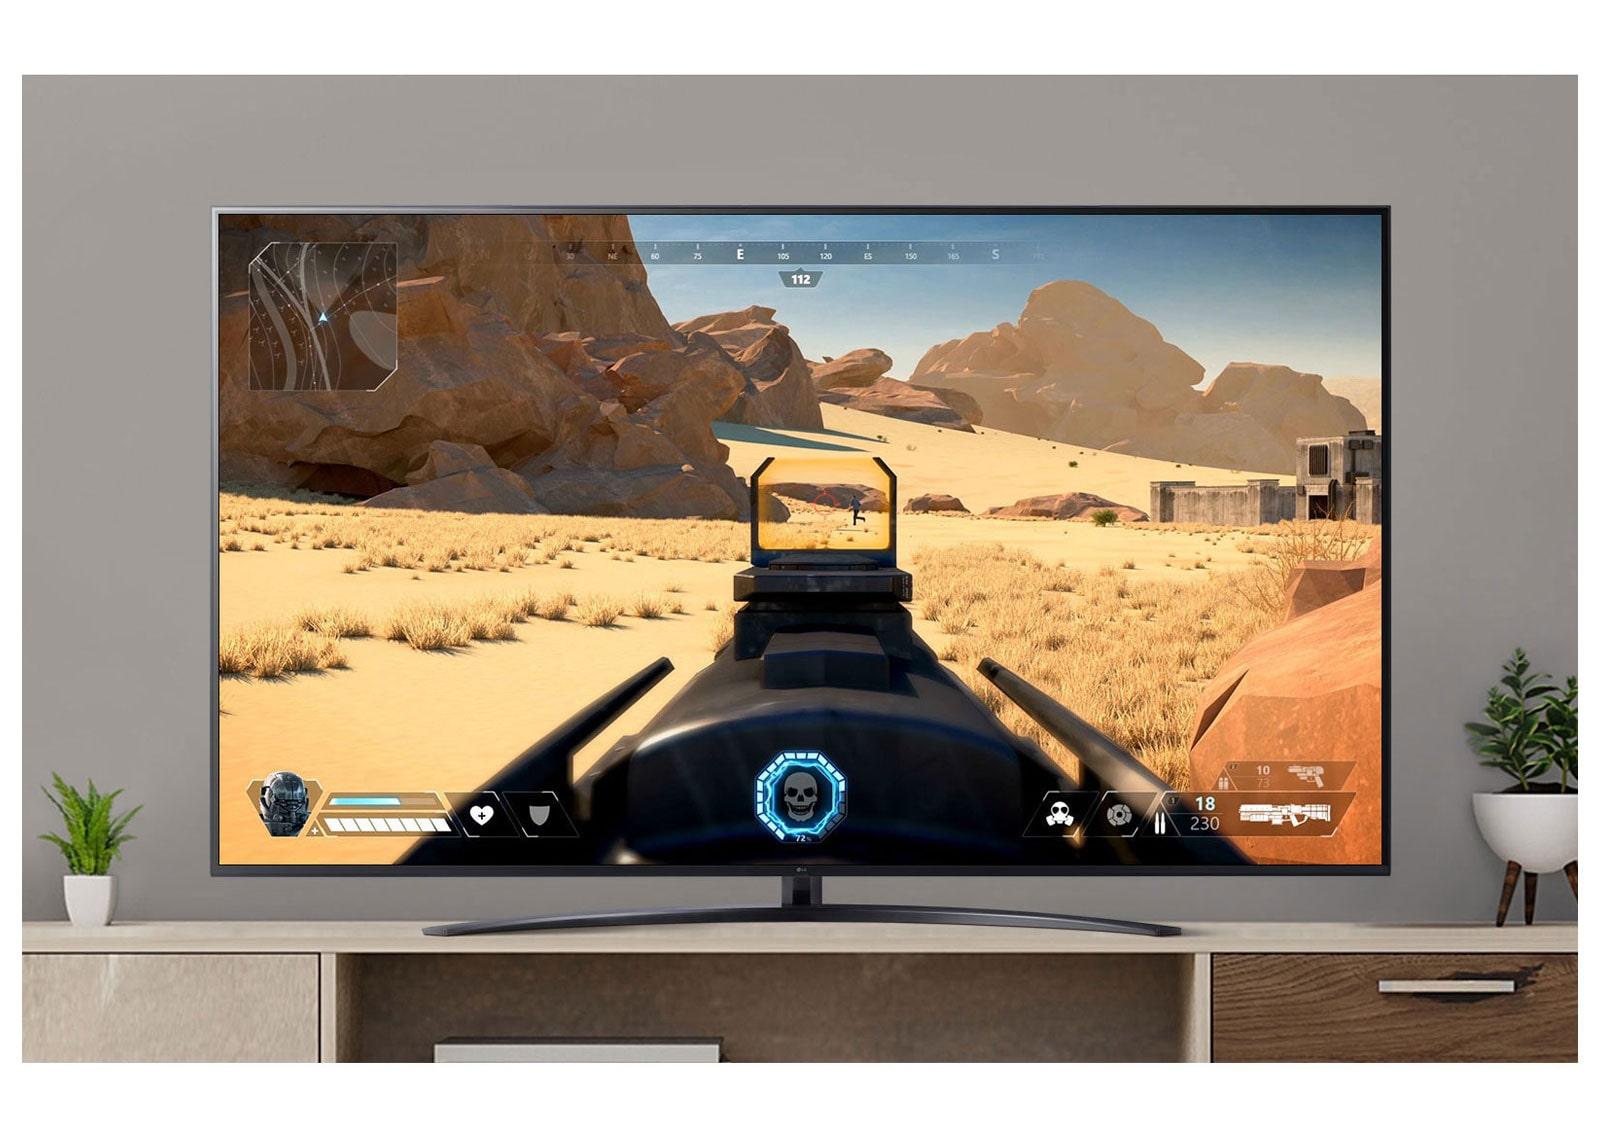 Una pantalla de televisión que reproduce un video de un juego FPS disparando a un enemigo con una pistola. (reproducir el video)